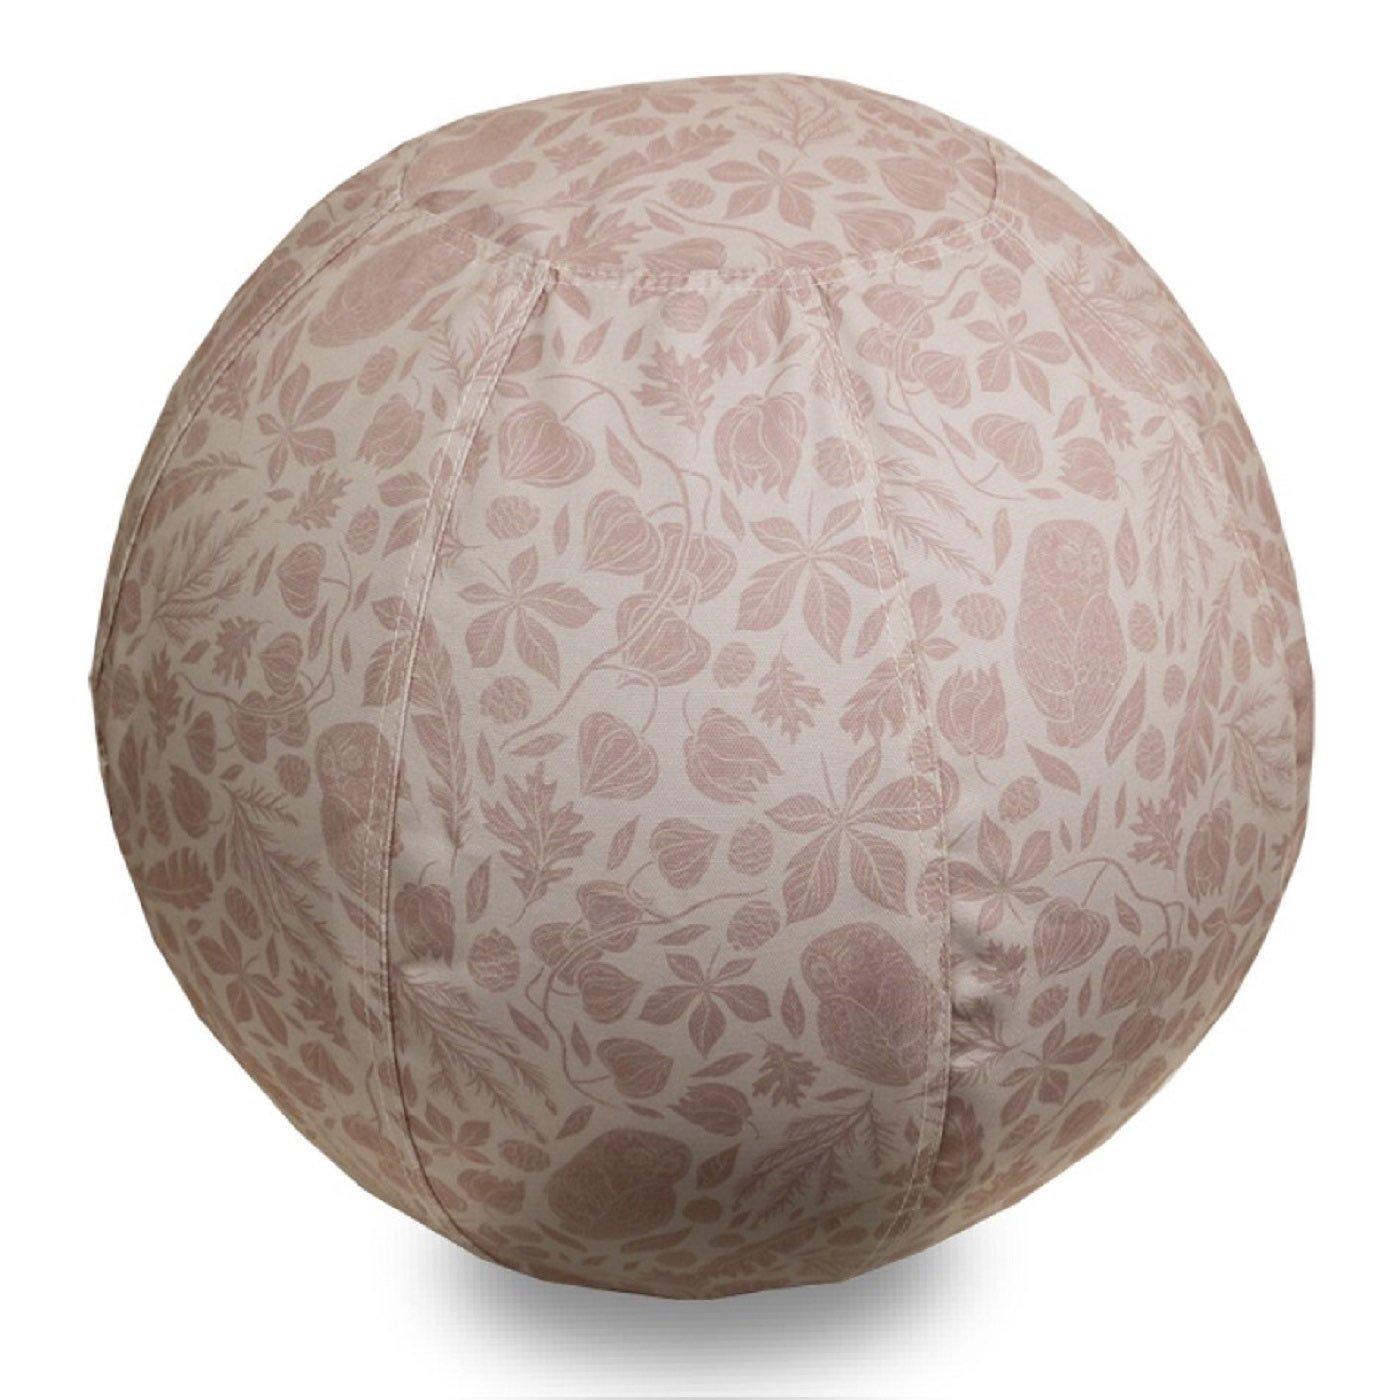 北欧をイメージした 部屋を彩るバランスボール〈隠れふくろう/65cm〉